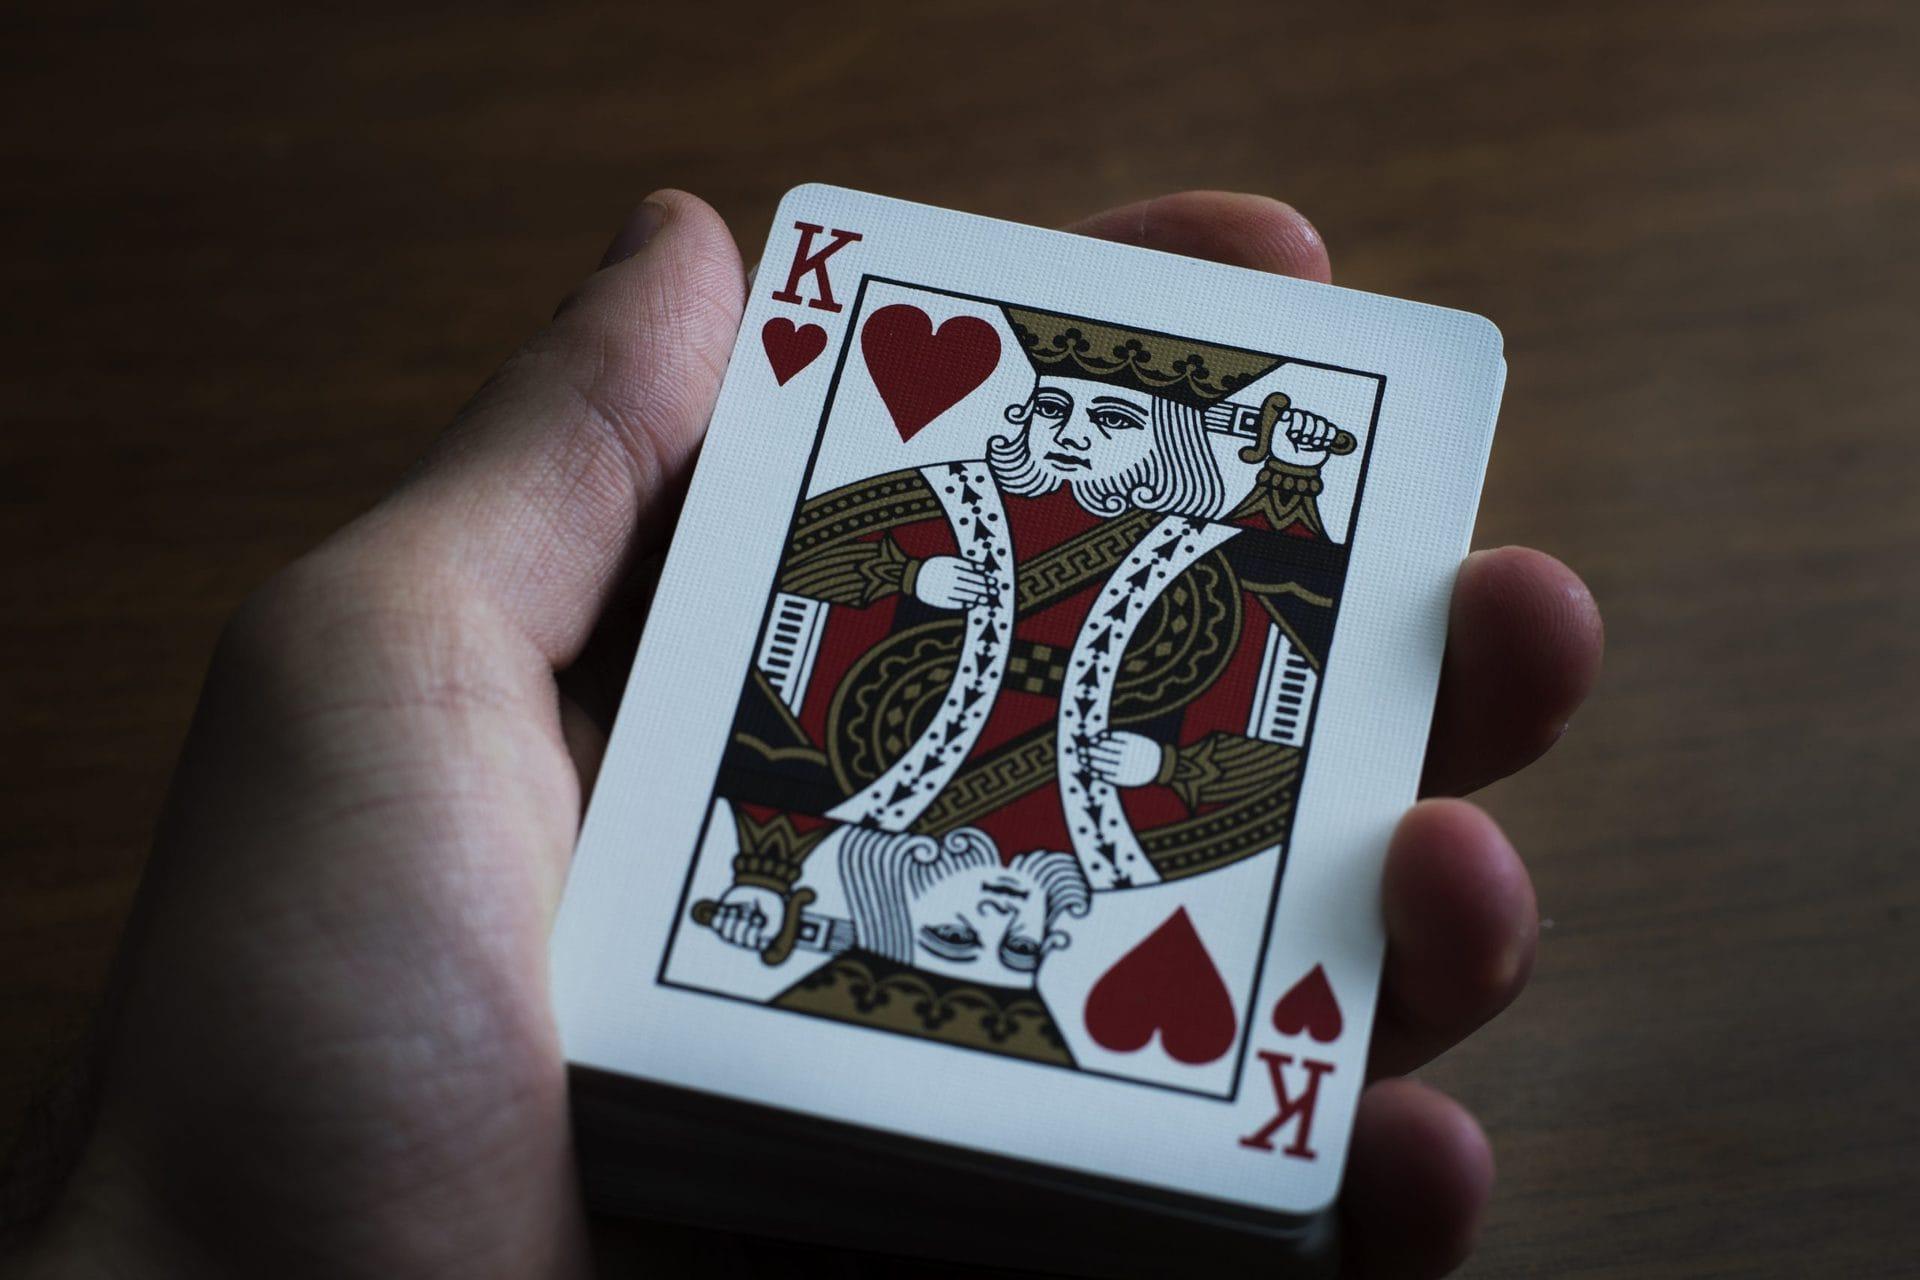 червовый король в руке